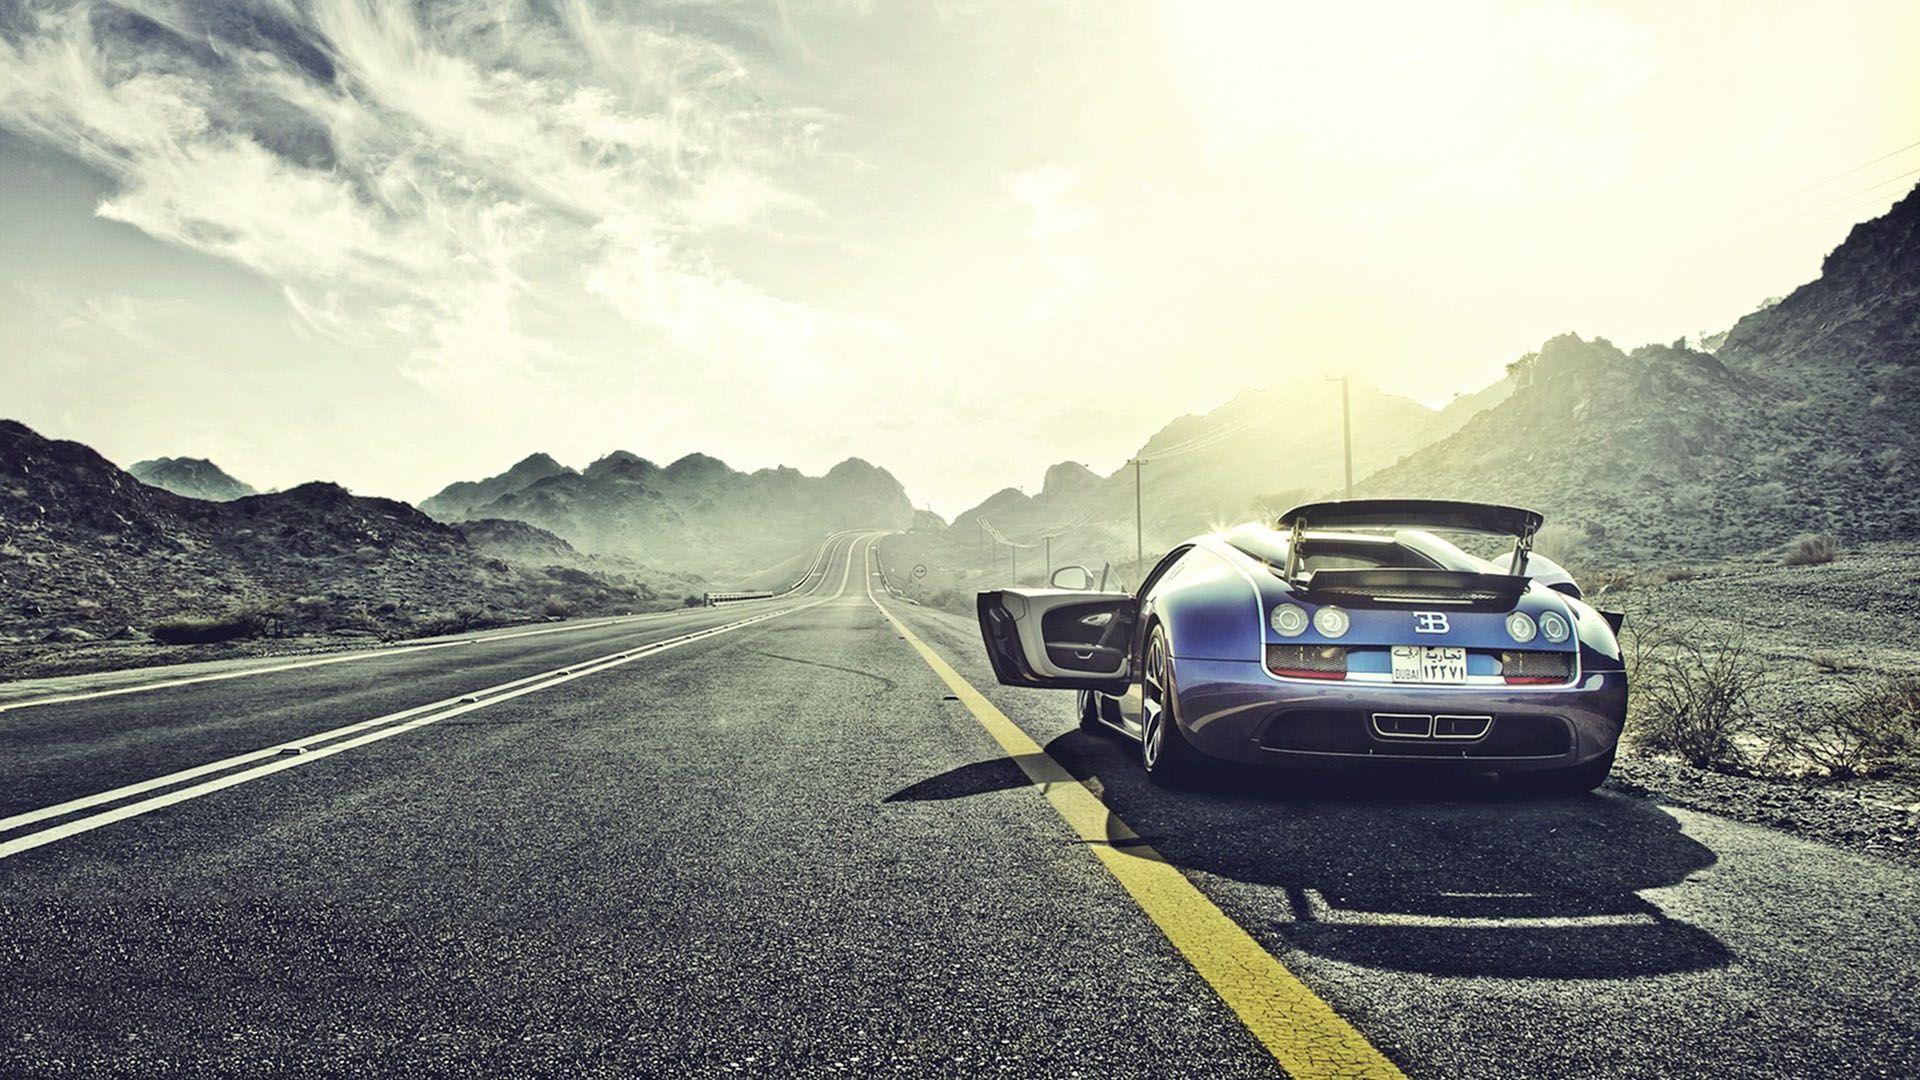 Gold Bugatti Veyron Desktop Wallpaper #11148 Bugatti Car Wallpaper ...